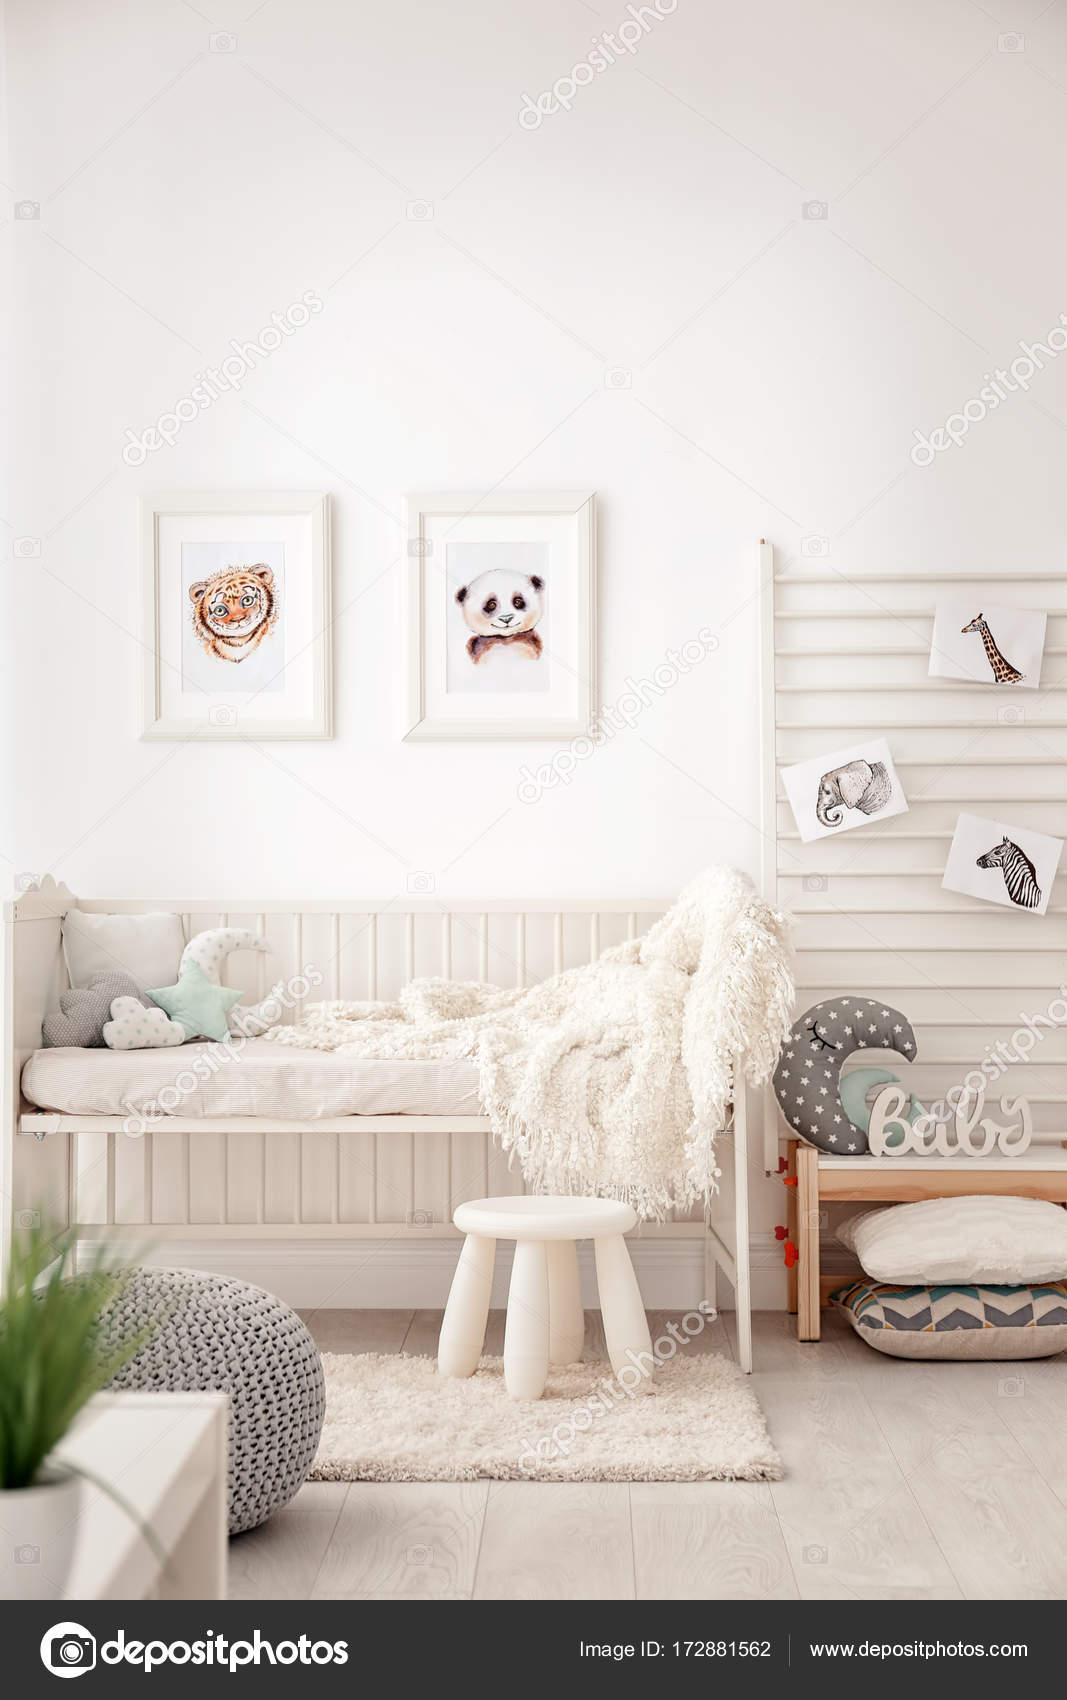 Slaapkamer Voor Baby.Baby Slaapkamer Met Foto S Van Dieren Stockfoto C Belchonock